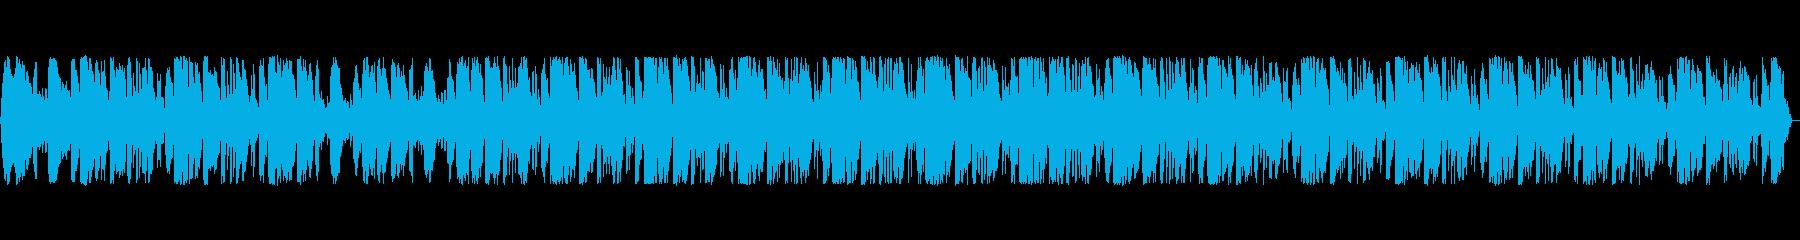 ダークでアンダーグラウンドなピアノテクノの再生済みの波形